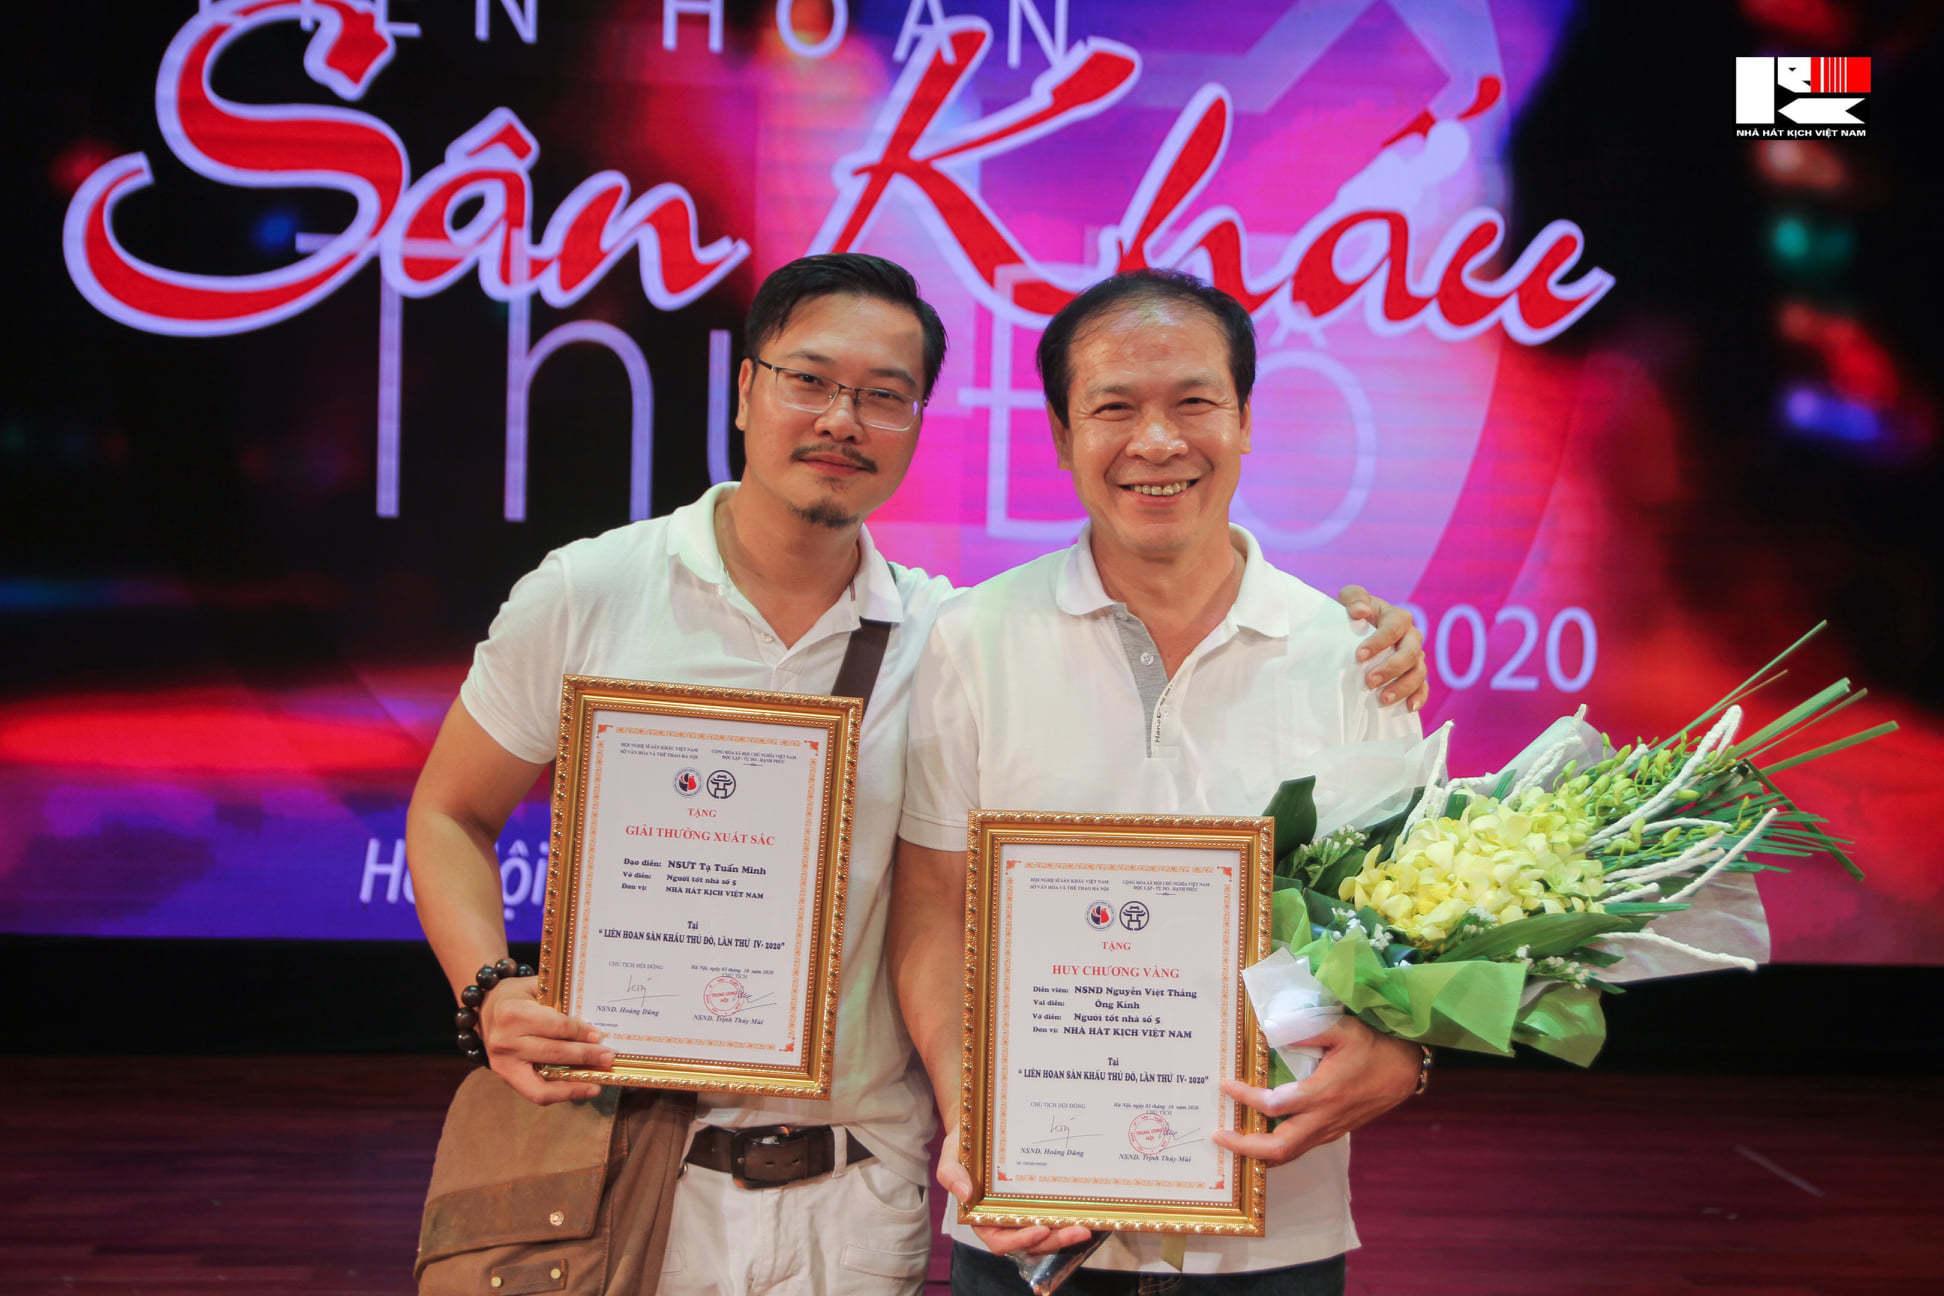 NSƯT Trần Lực thắng lớn tại Liên hoan sân khấu Thủ đô